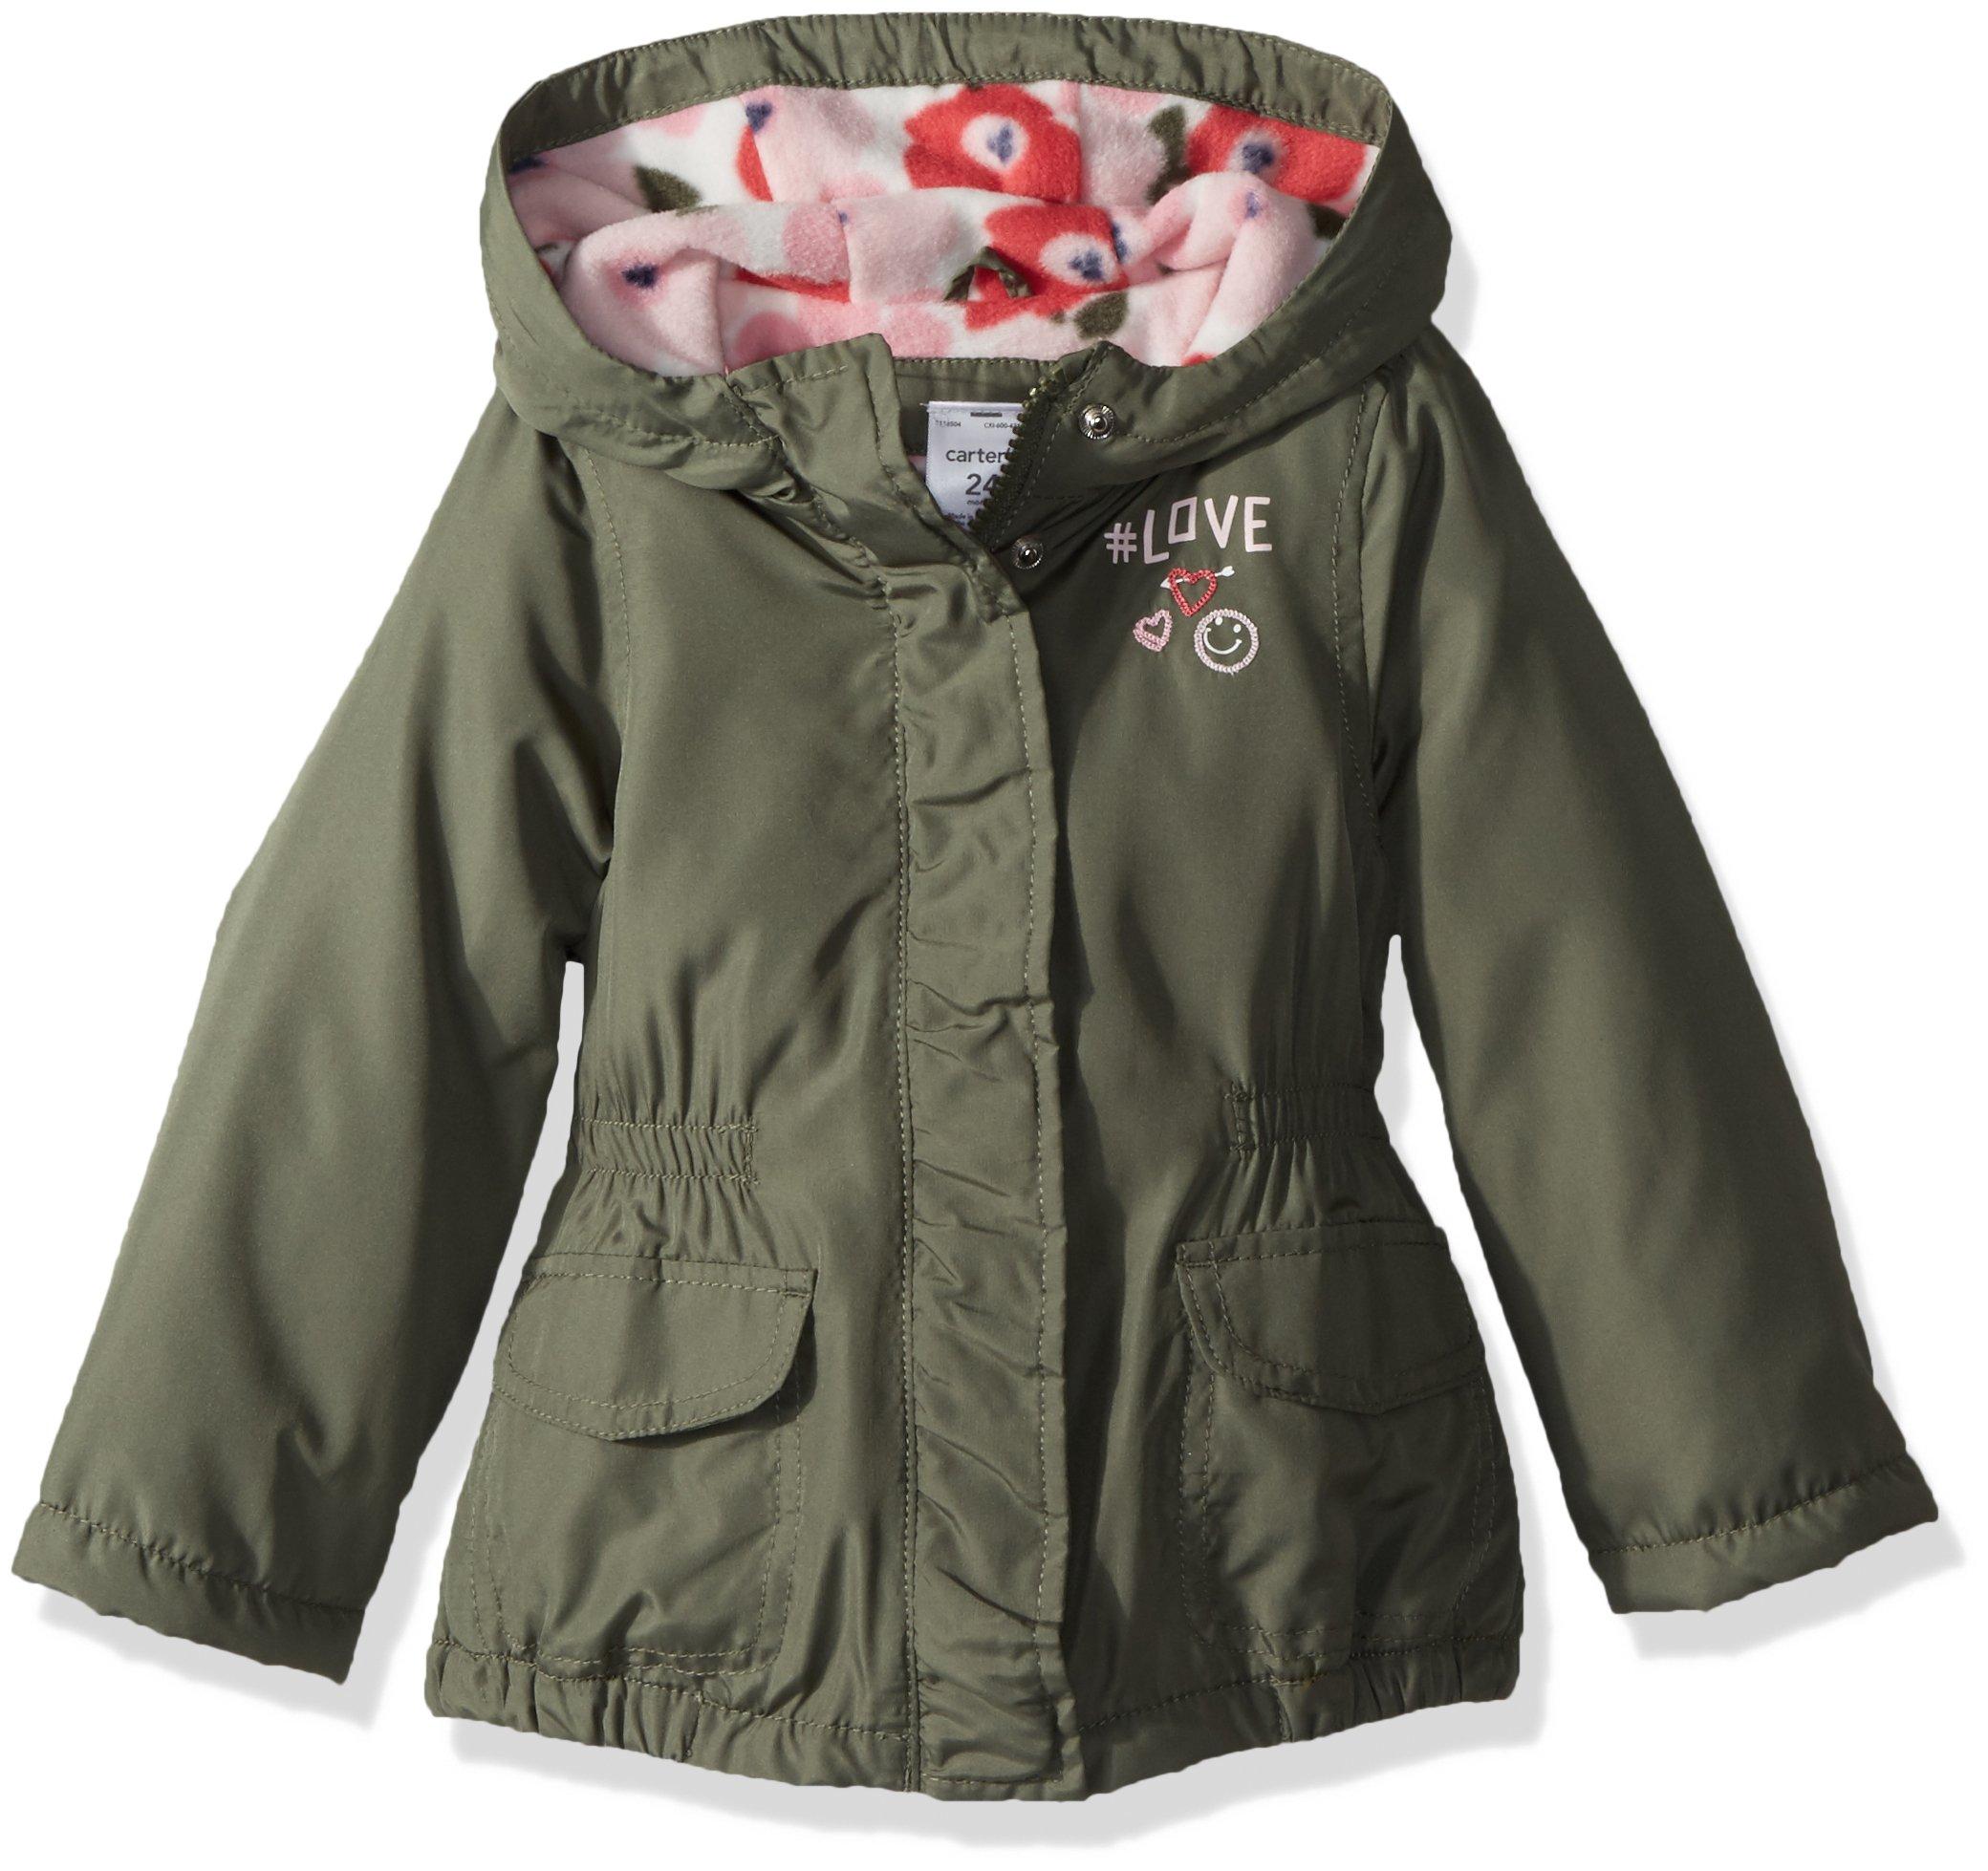 Carter's Little Girls' Fleece Lined Anorak Jacket, Olive Oak, 5/6